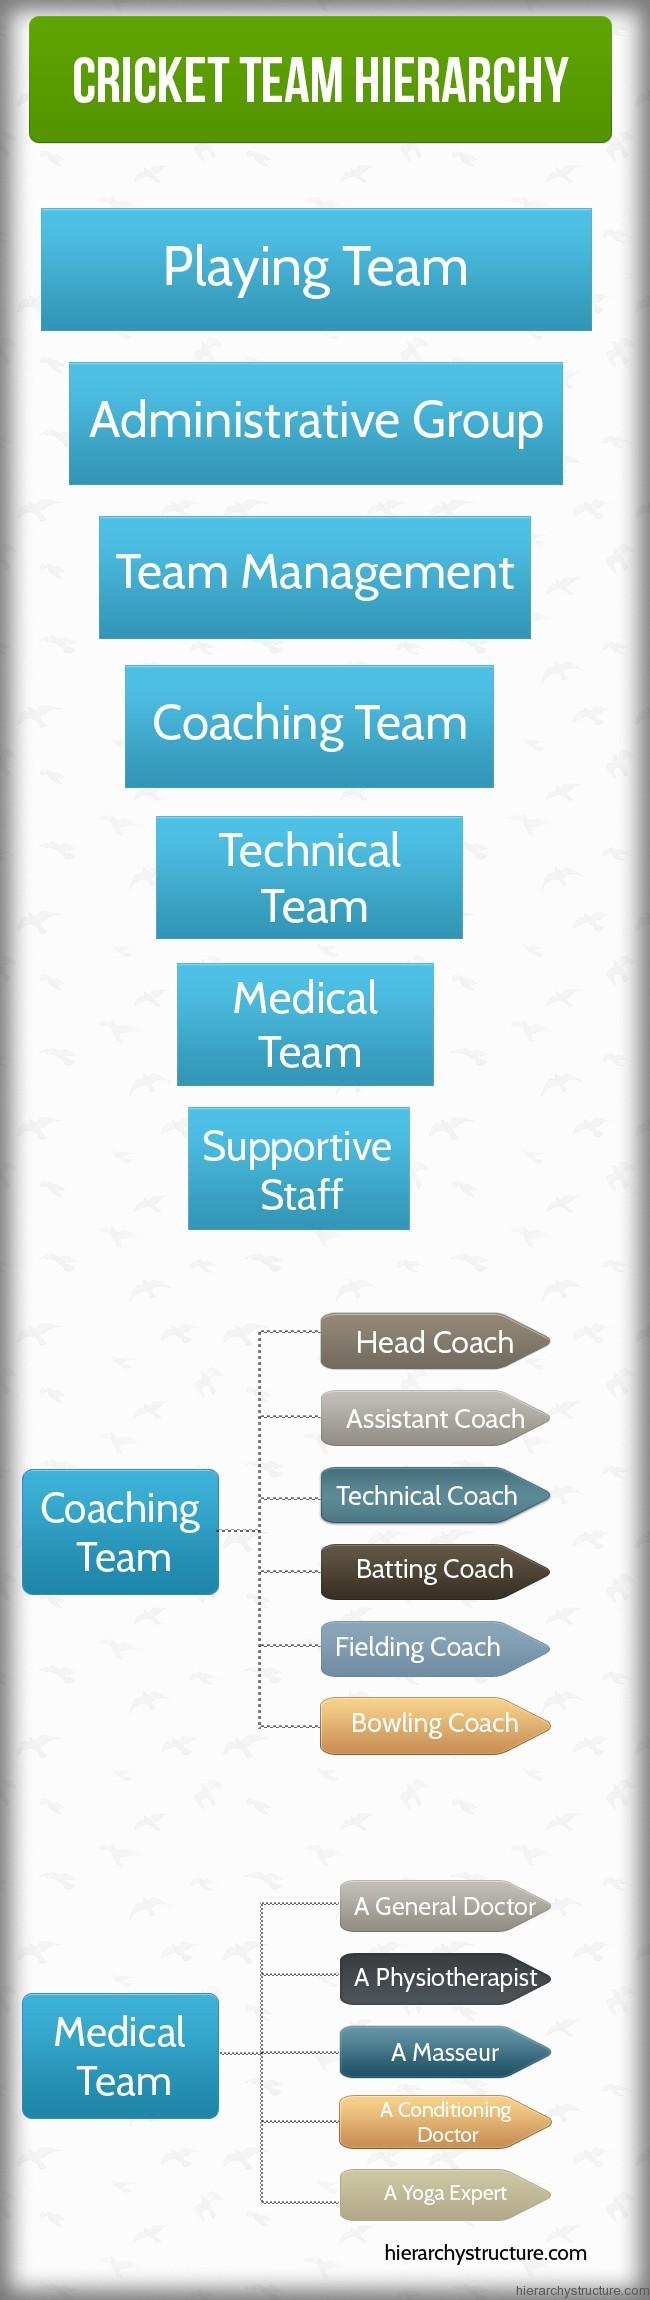 Cricket Team Hierarchy